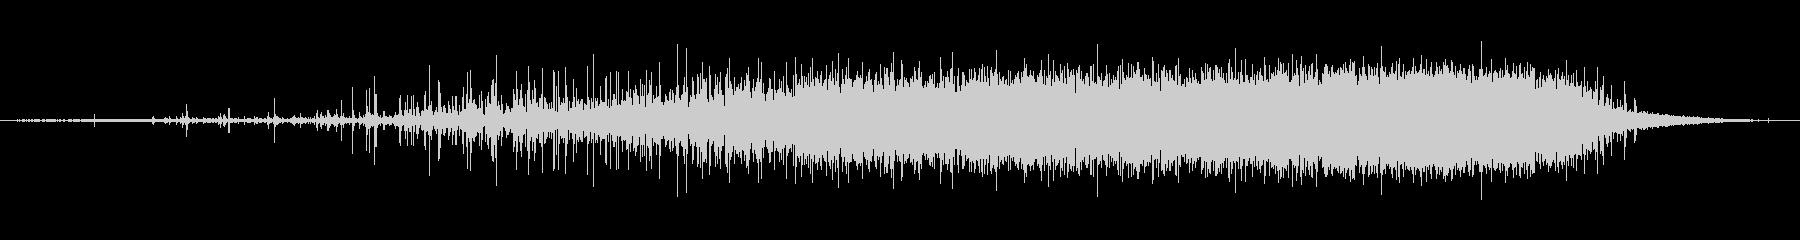 素材 レインスティックシングル01の未再生の波形